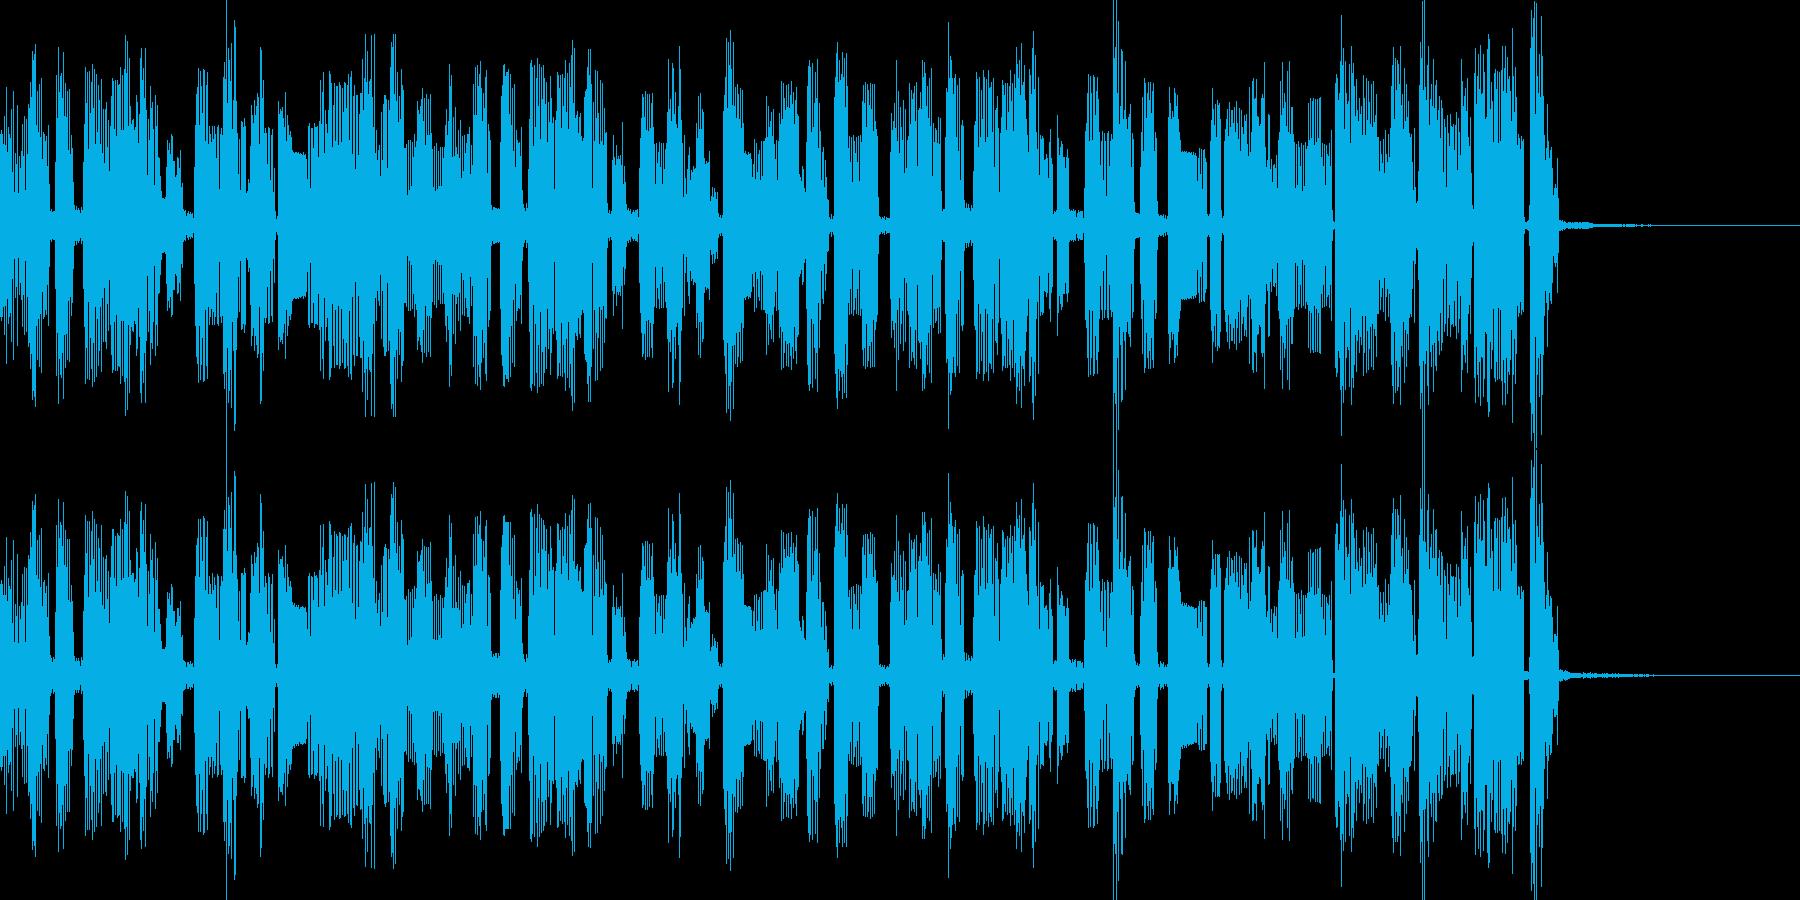 チップチューンサウンドのジングルです。の再生済みの波形